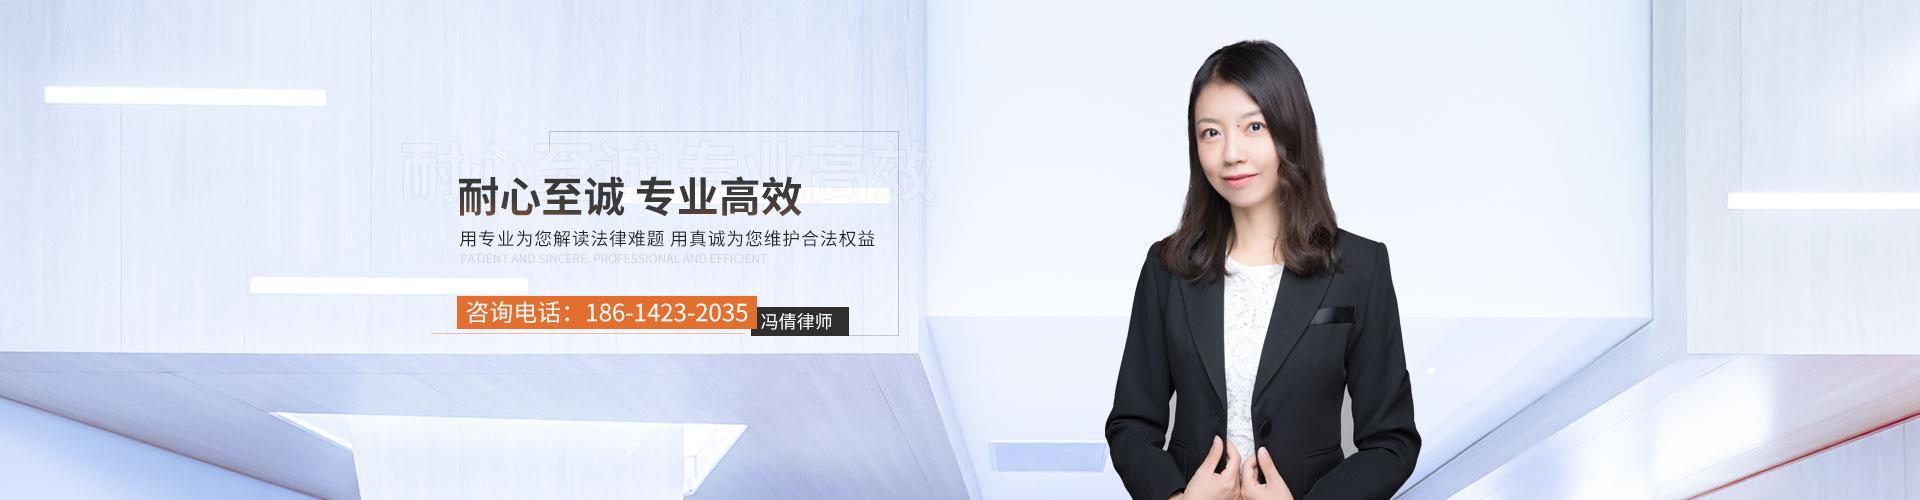 北京冯倩律师